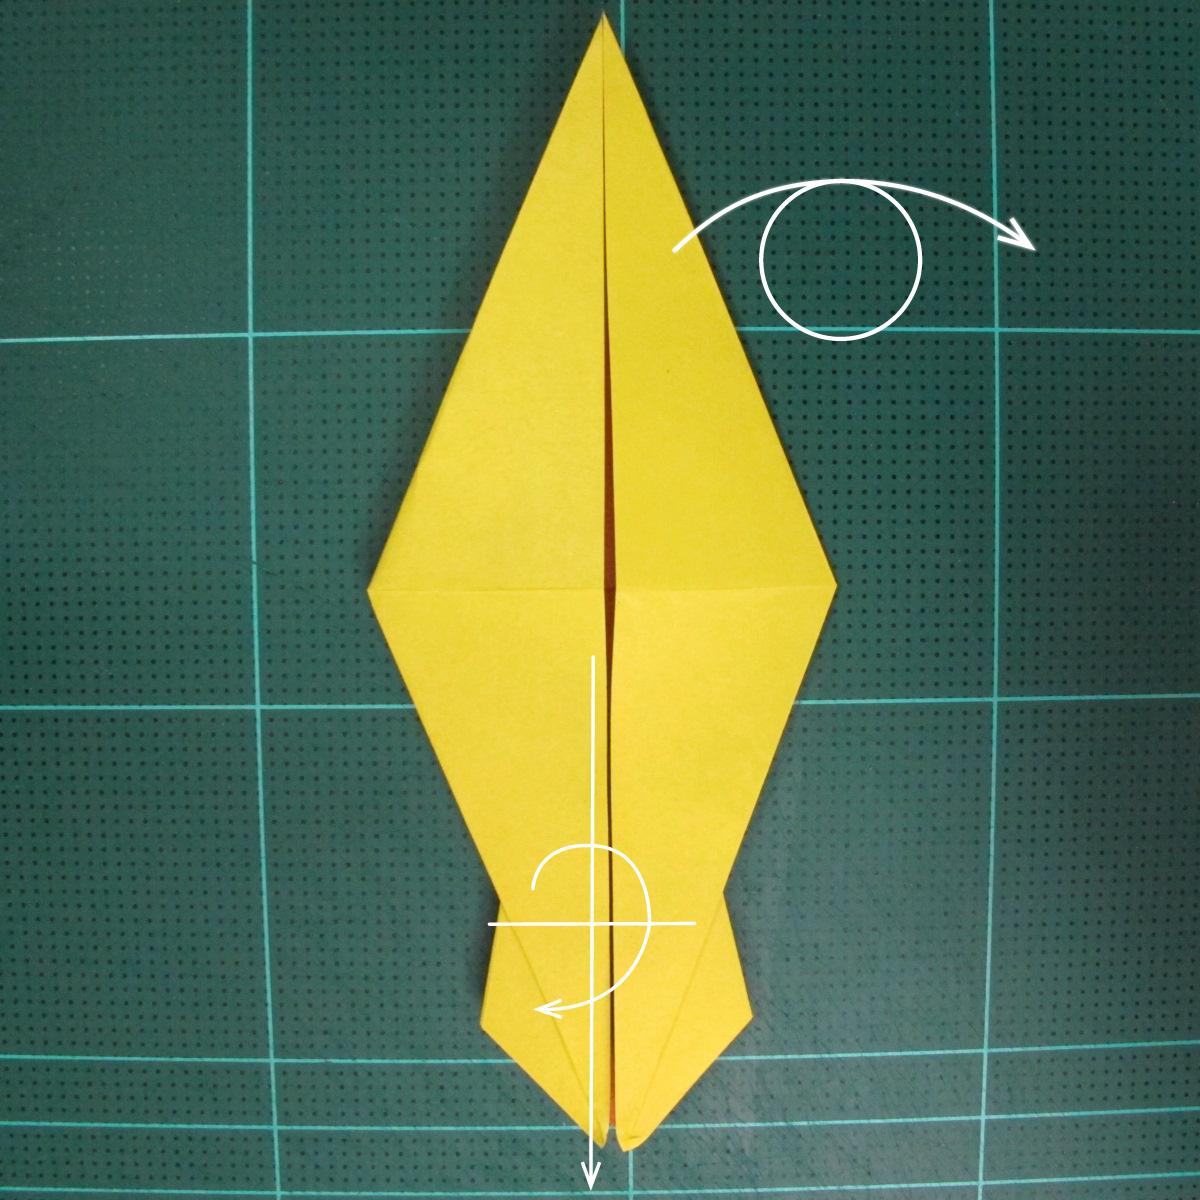 วิธีพับกระดาษเป็นรูปนกยูง (Origami Peacock - ピーコックの折り紙) 020